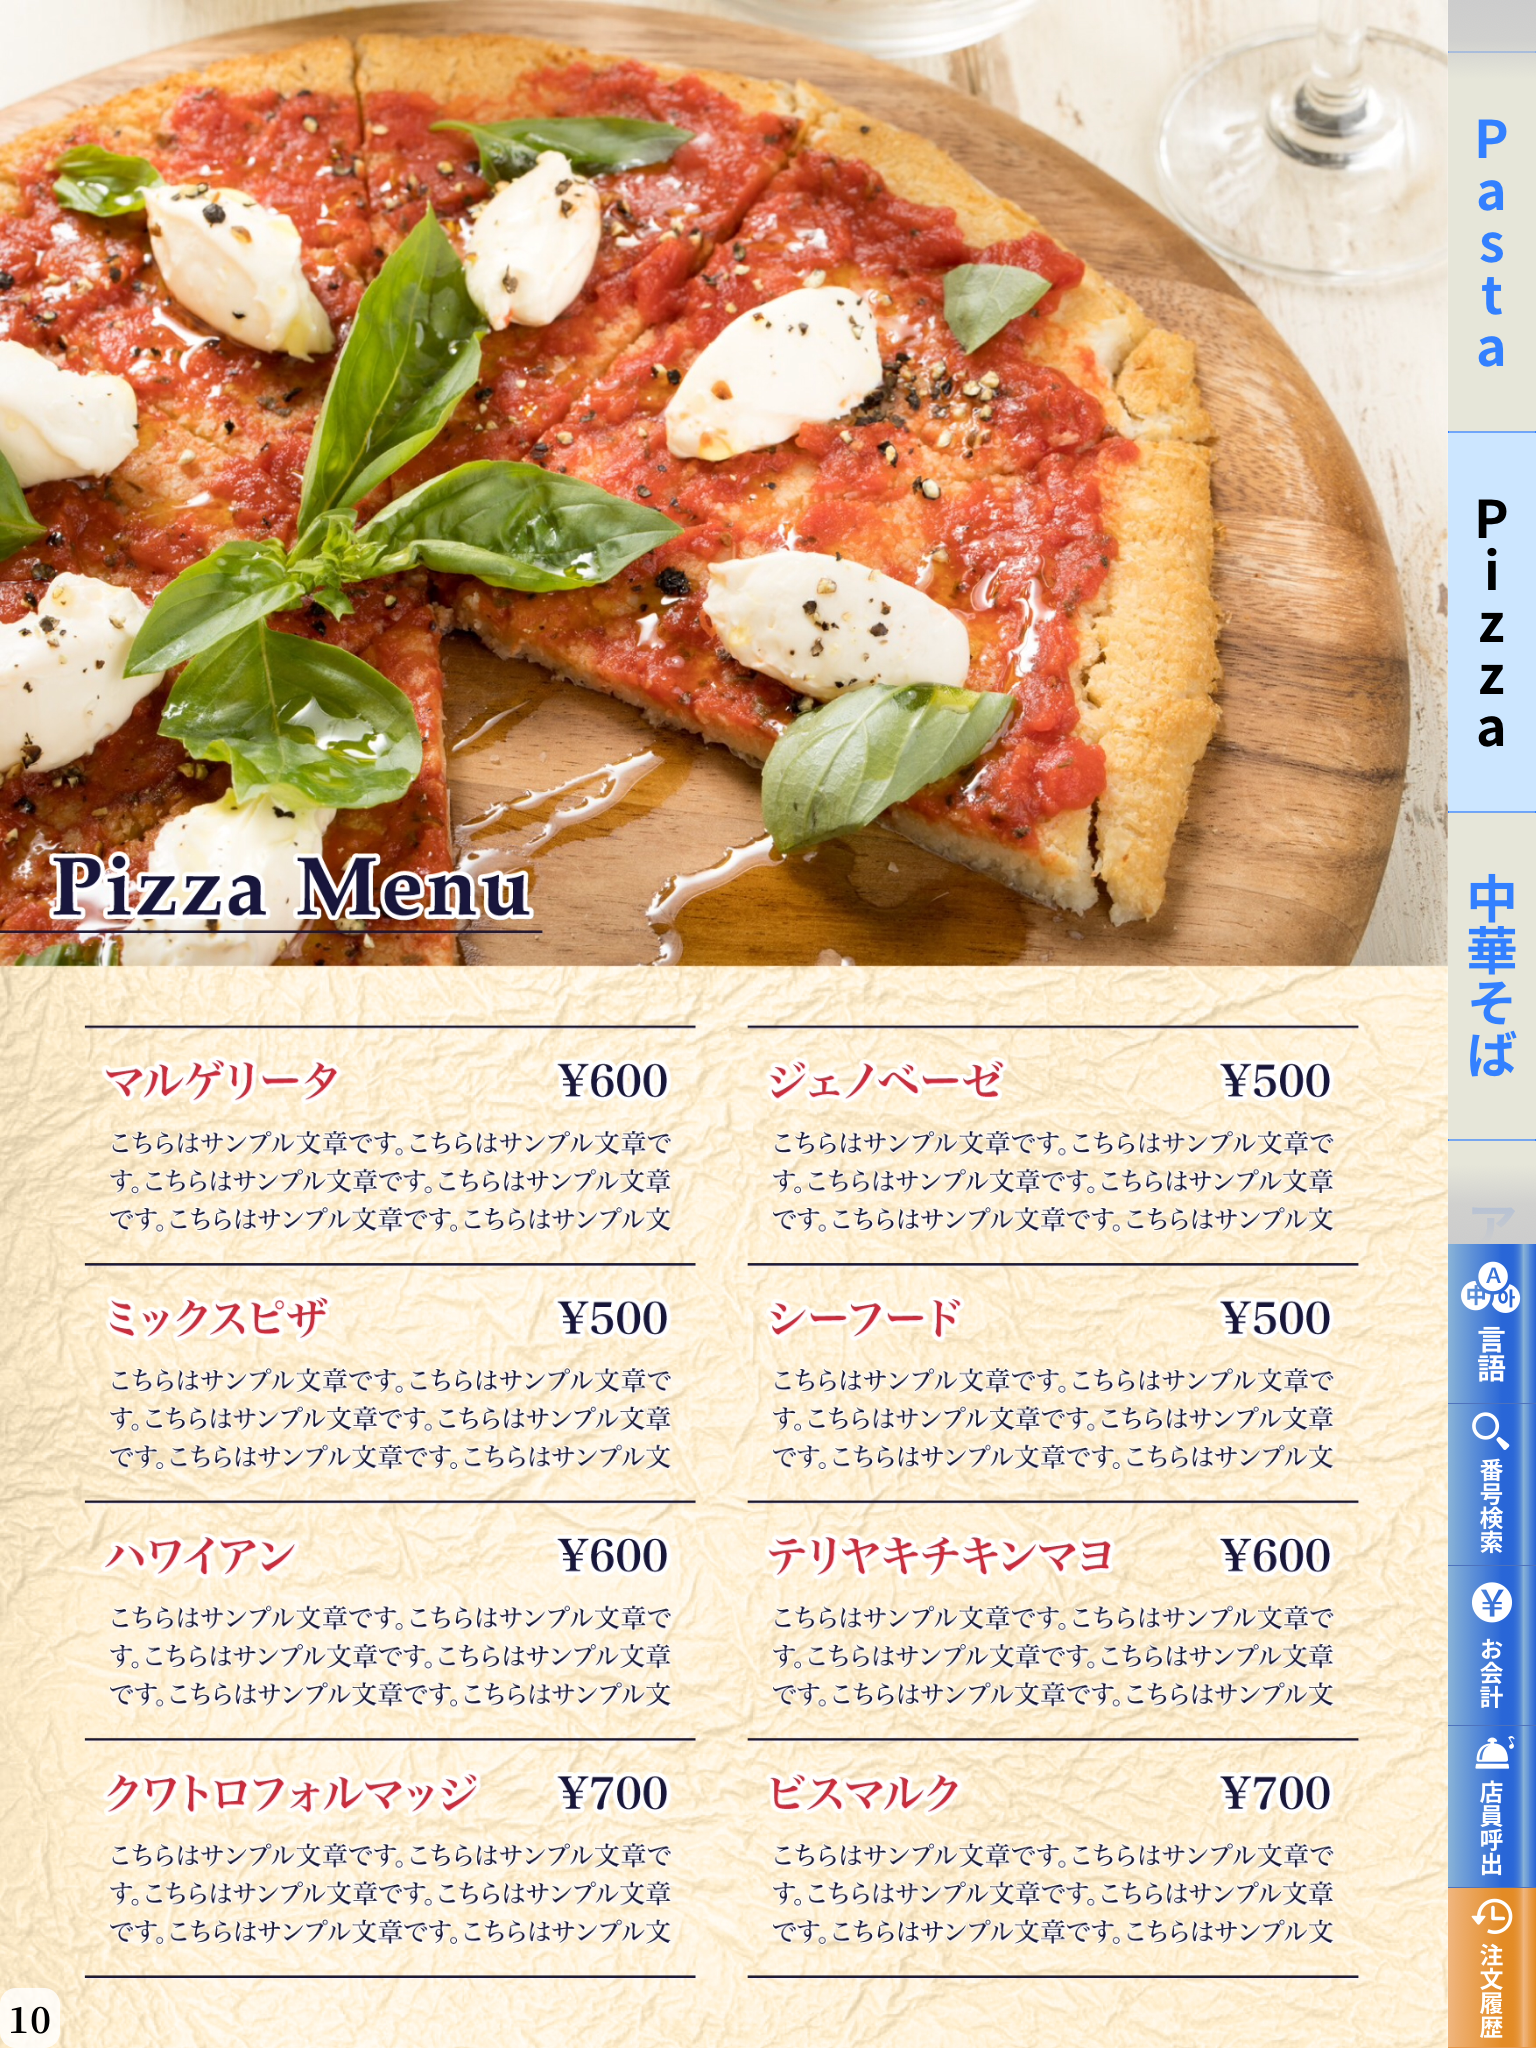 pizzaセルオーダー